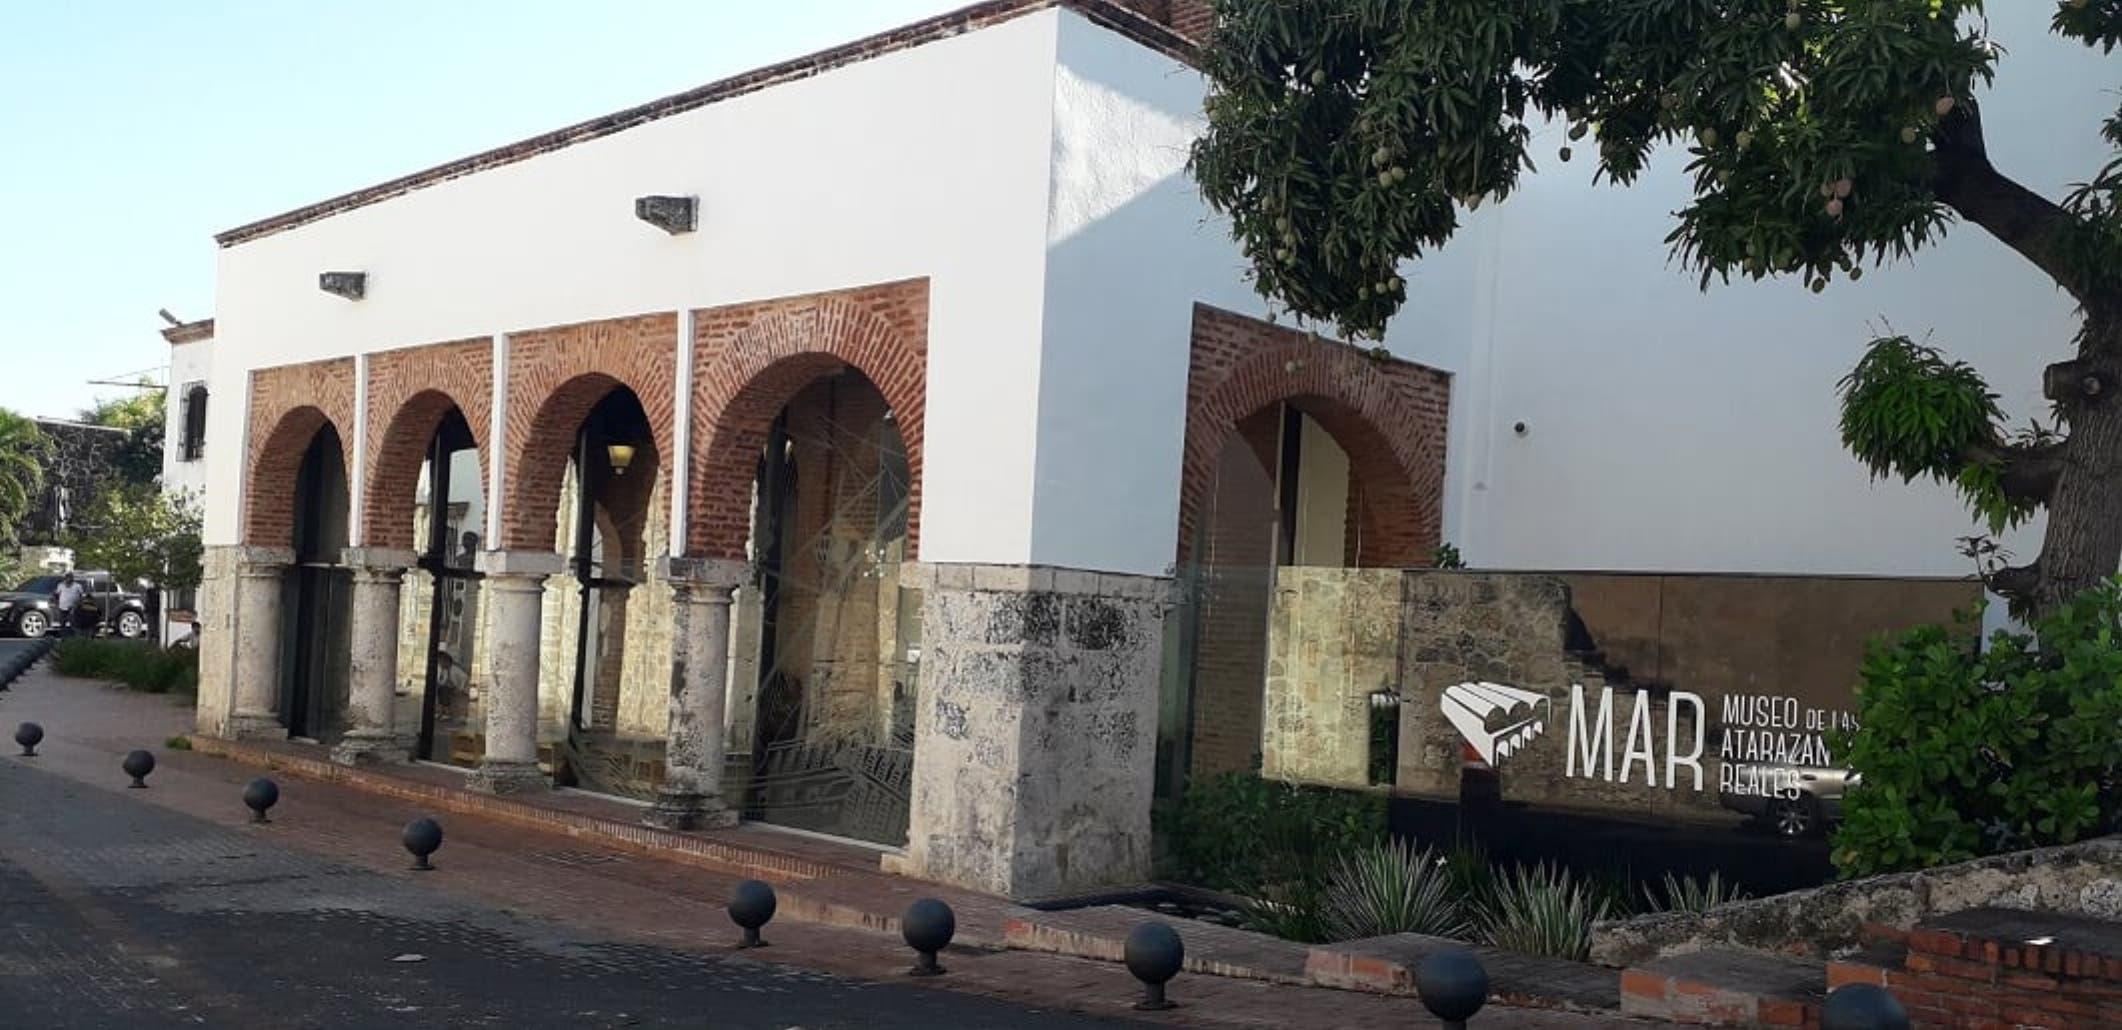 Los tesoros del Museo  de las Atarazanas Reales